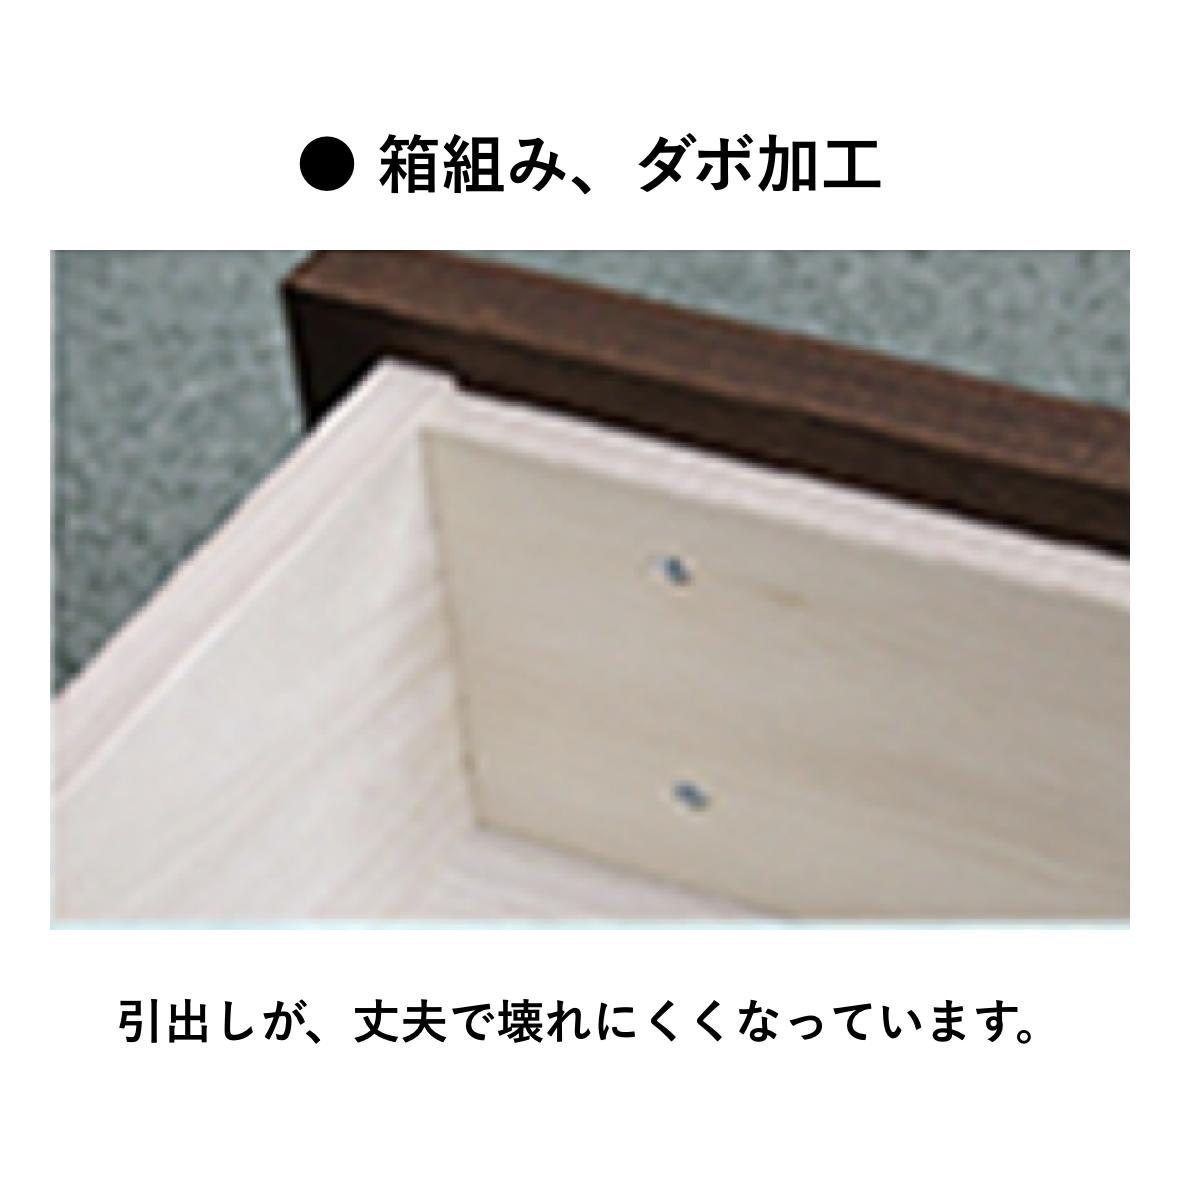 箱組み ダボ加工